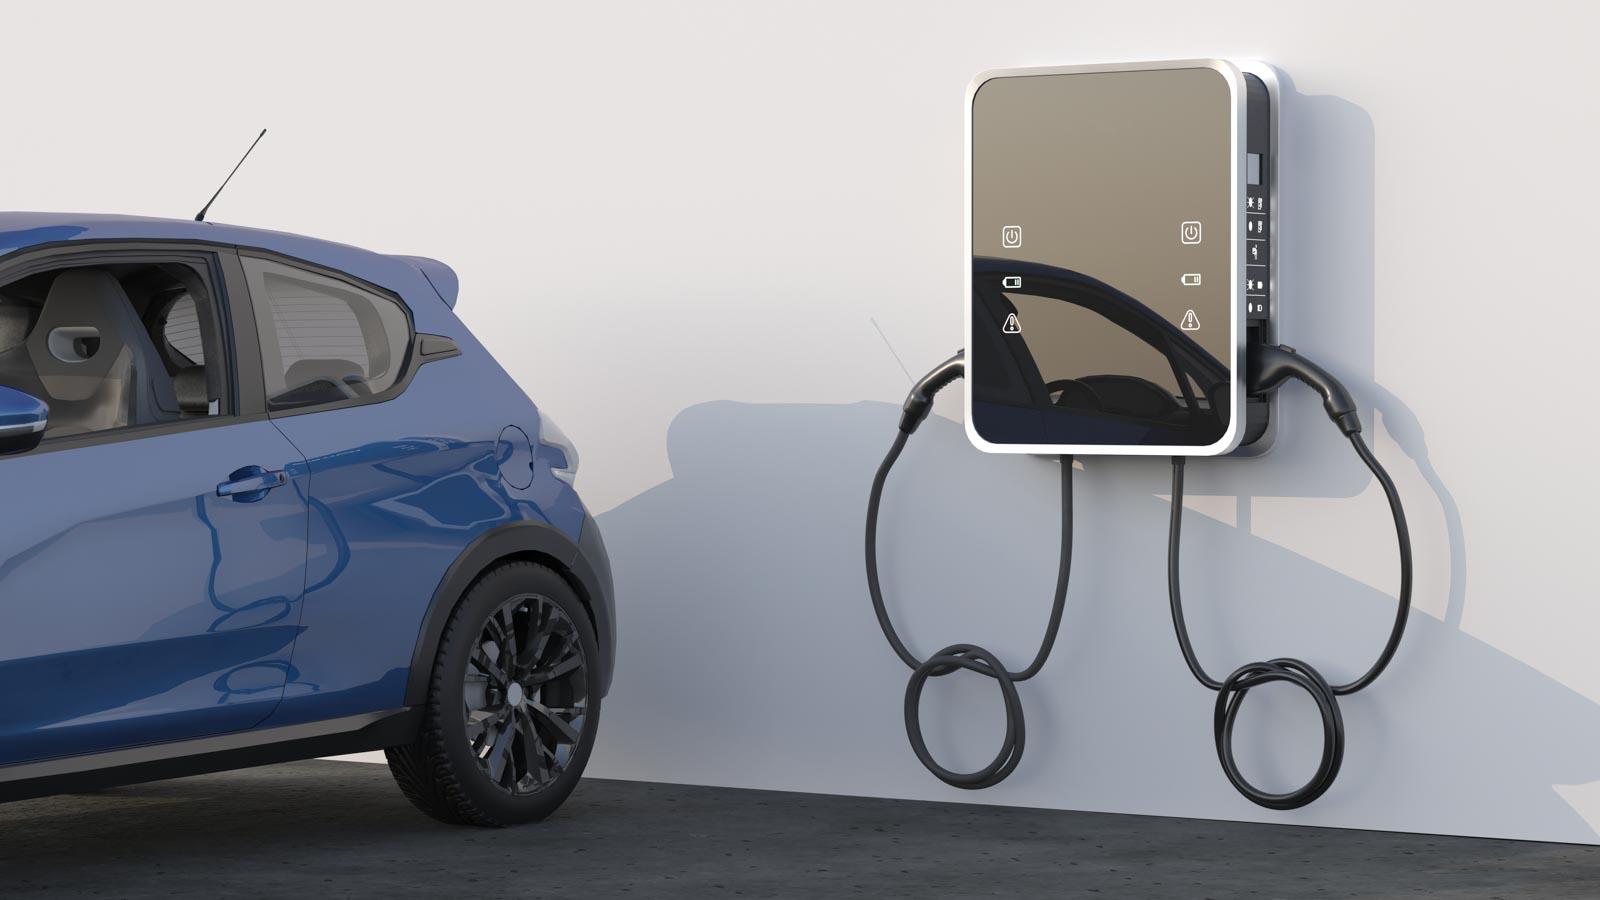 Kleinwagen vor Hauswand mit Elektroauto-Ladestation mit zwei Ladepunkten